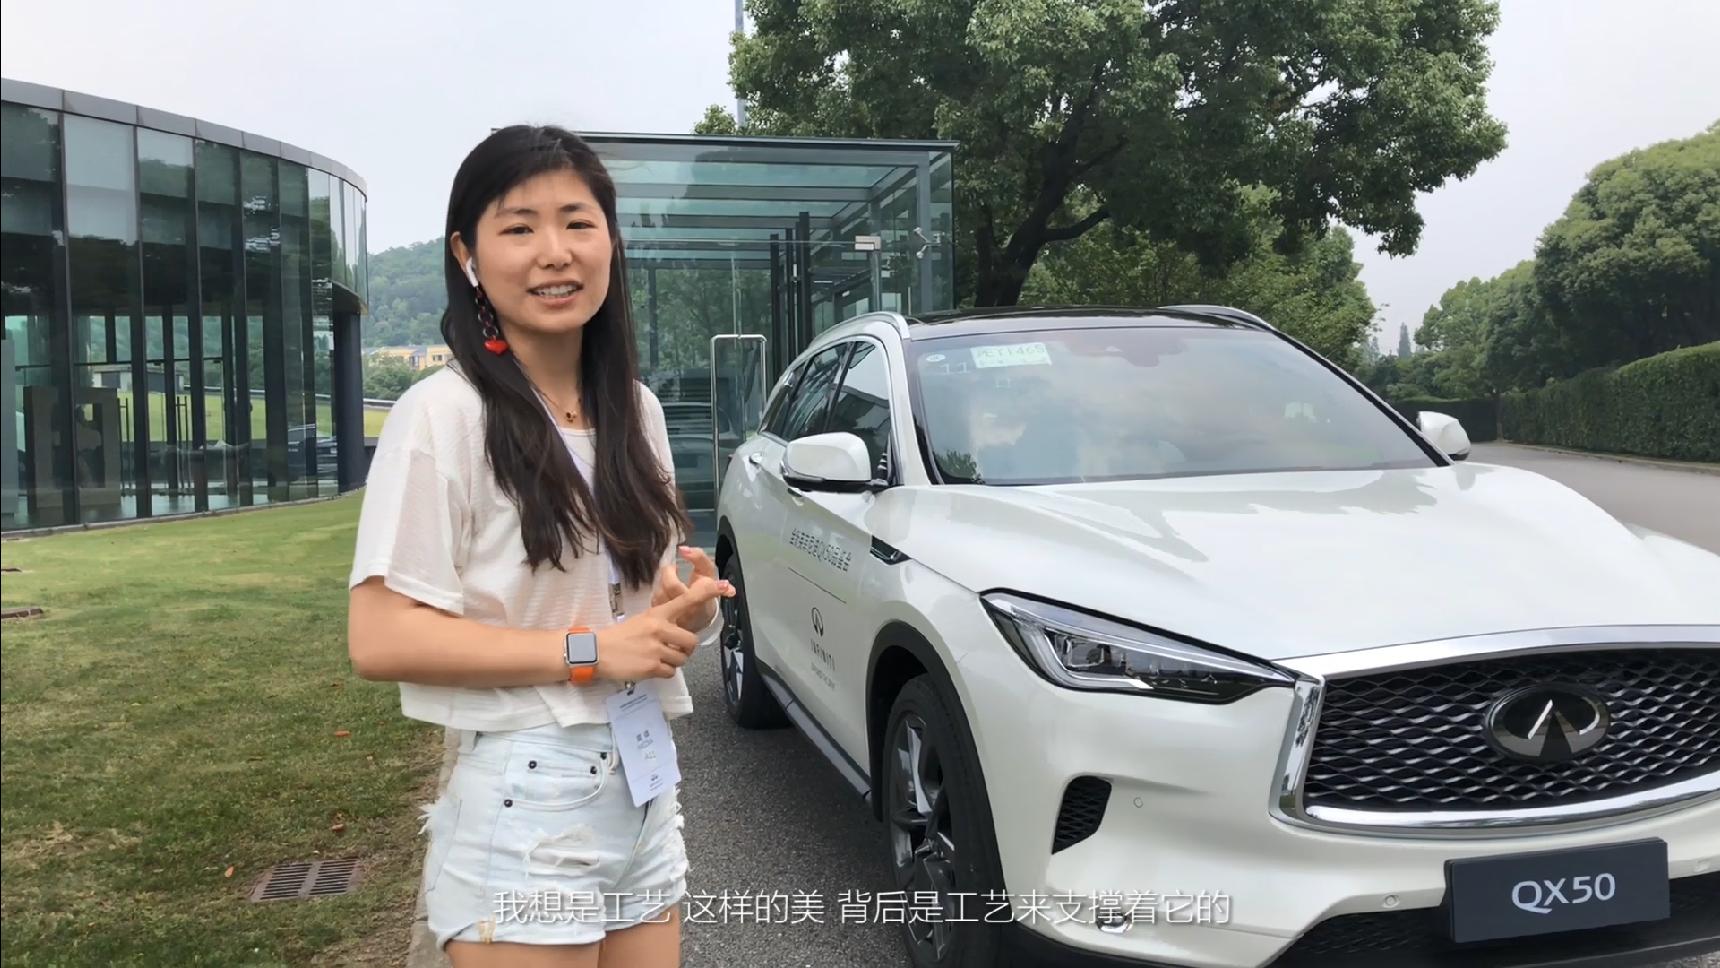 女生看英菲尼迪QX50,有能力在豪华SUV市场分一杯羹?